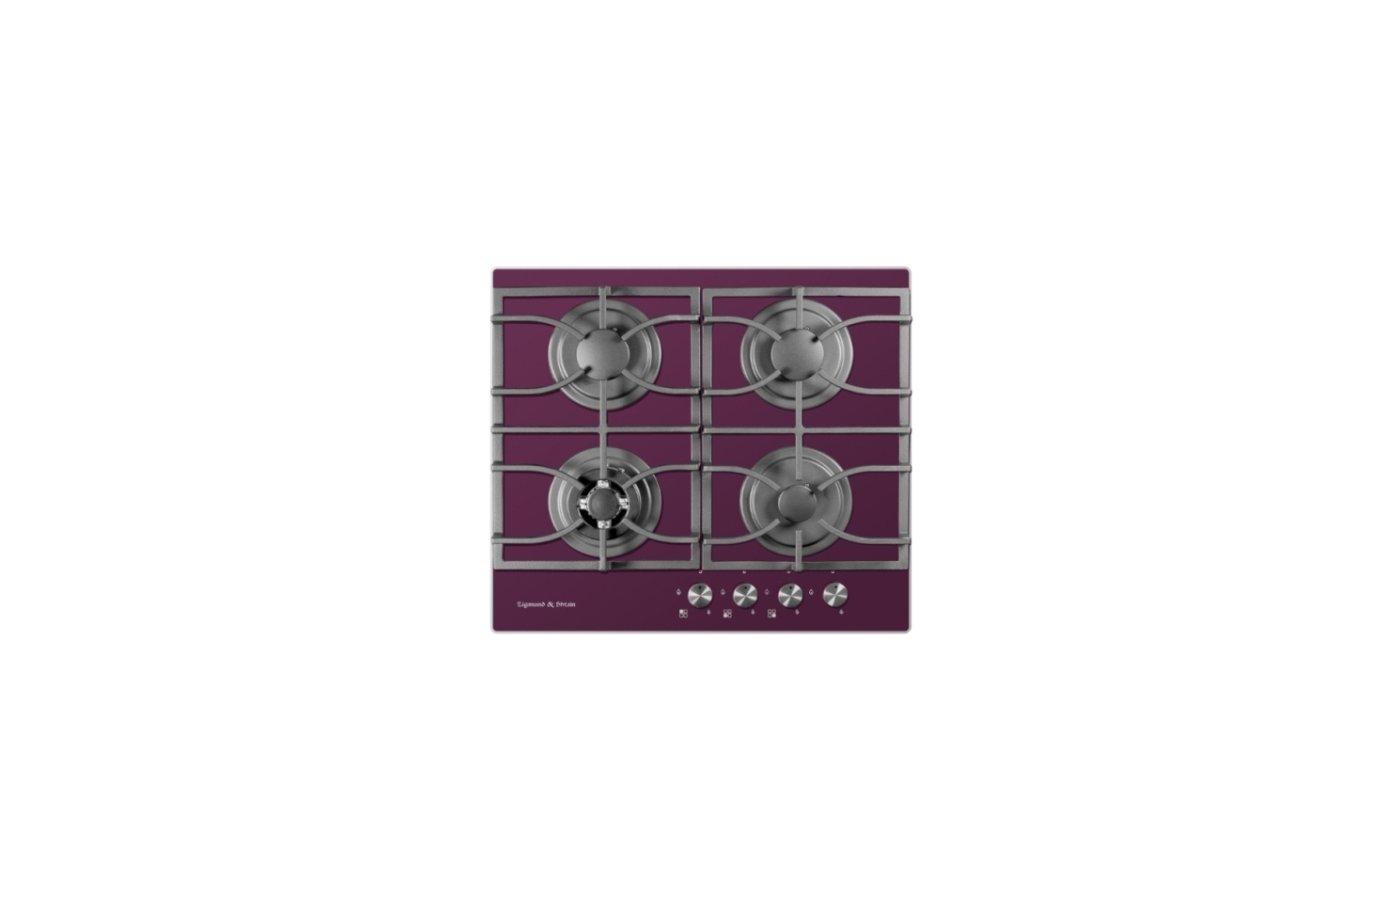 Варочная панель Zigmund & Shtain MN 115.61 V